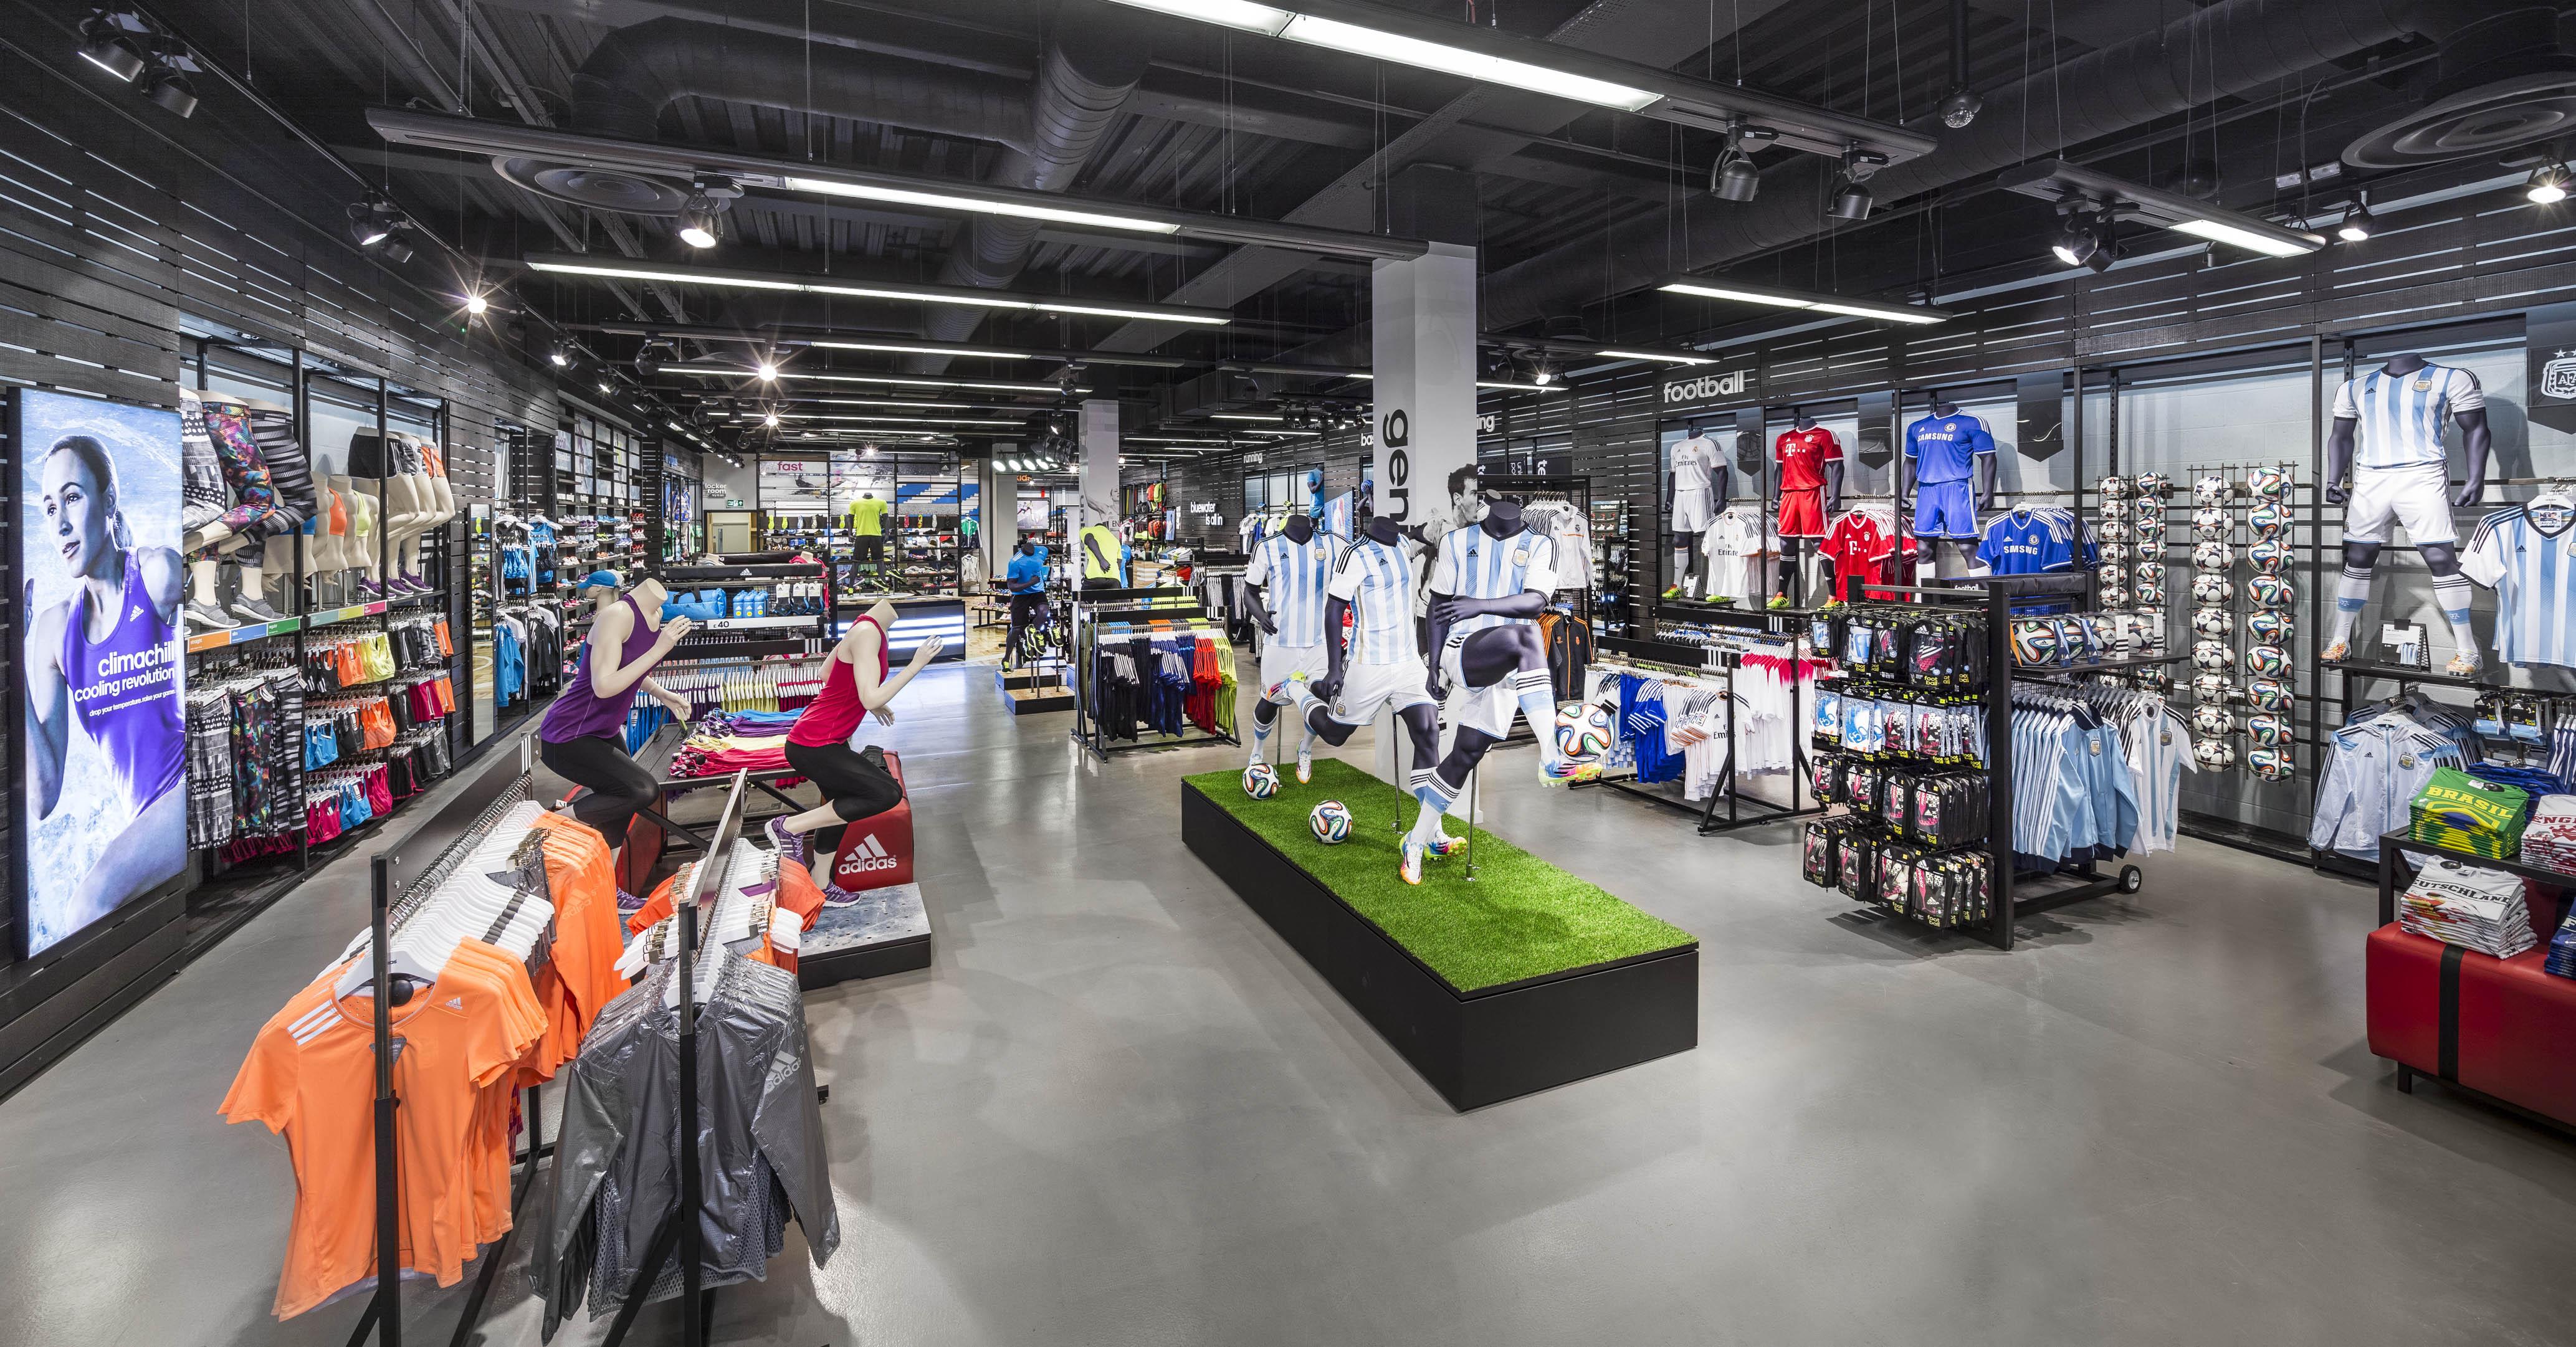 32dbd51e8 أشهر محلات الملابس الرياضة العالمية في الرياض | مجلة الرجل